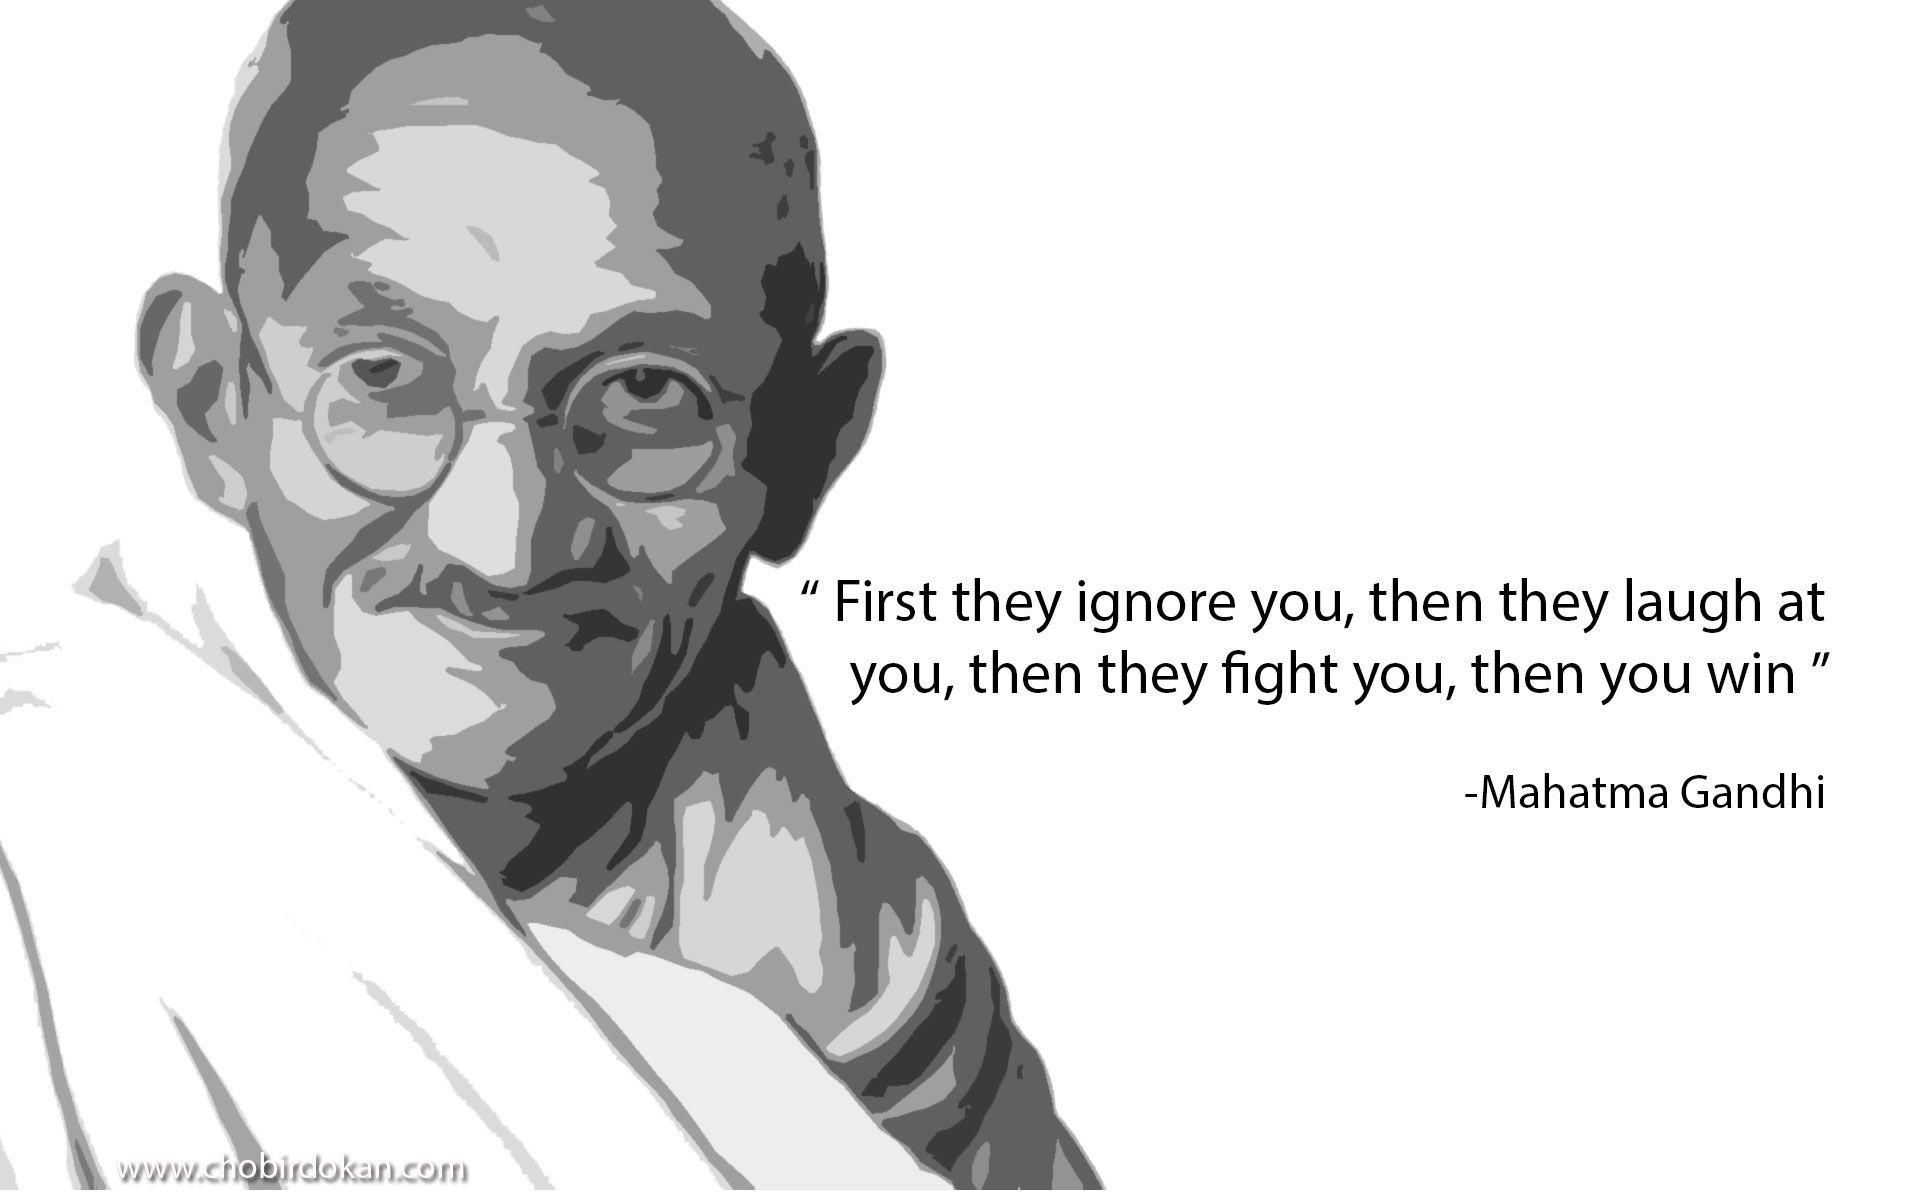 Gandhi Love Quotes Mahatma Gandhi Short Quotes About Love  Cute Romantic & Sad Love